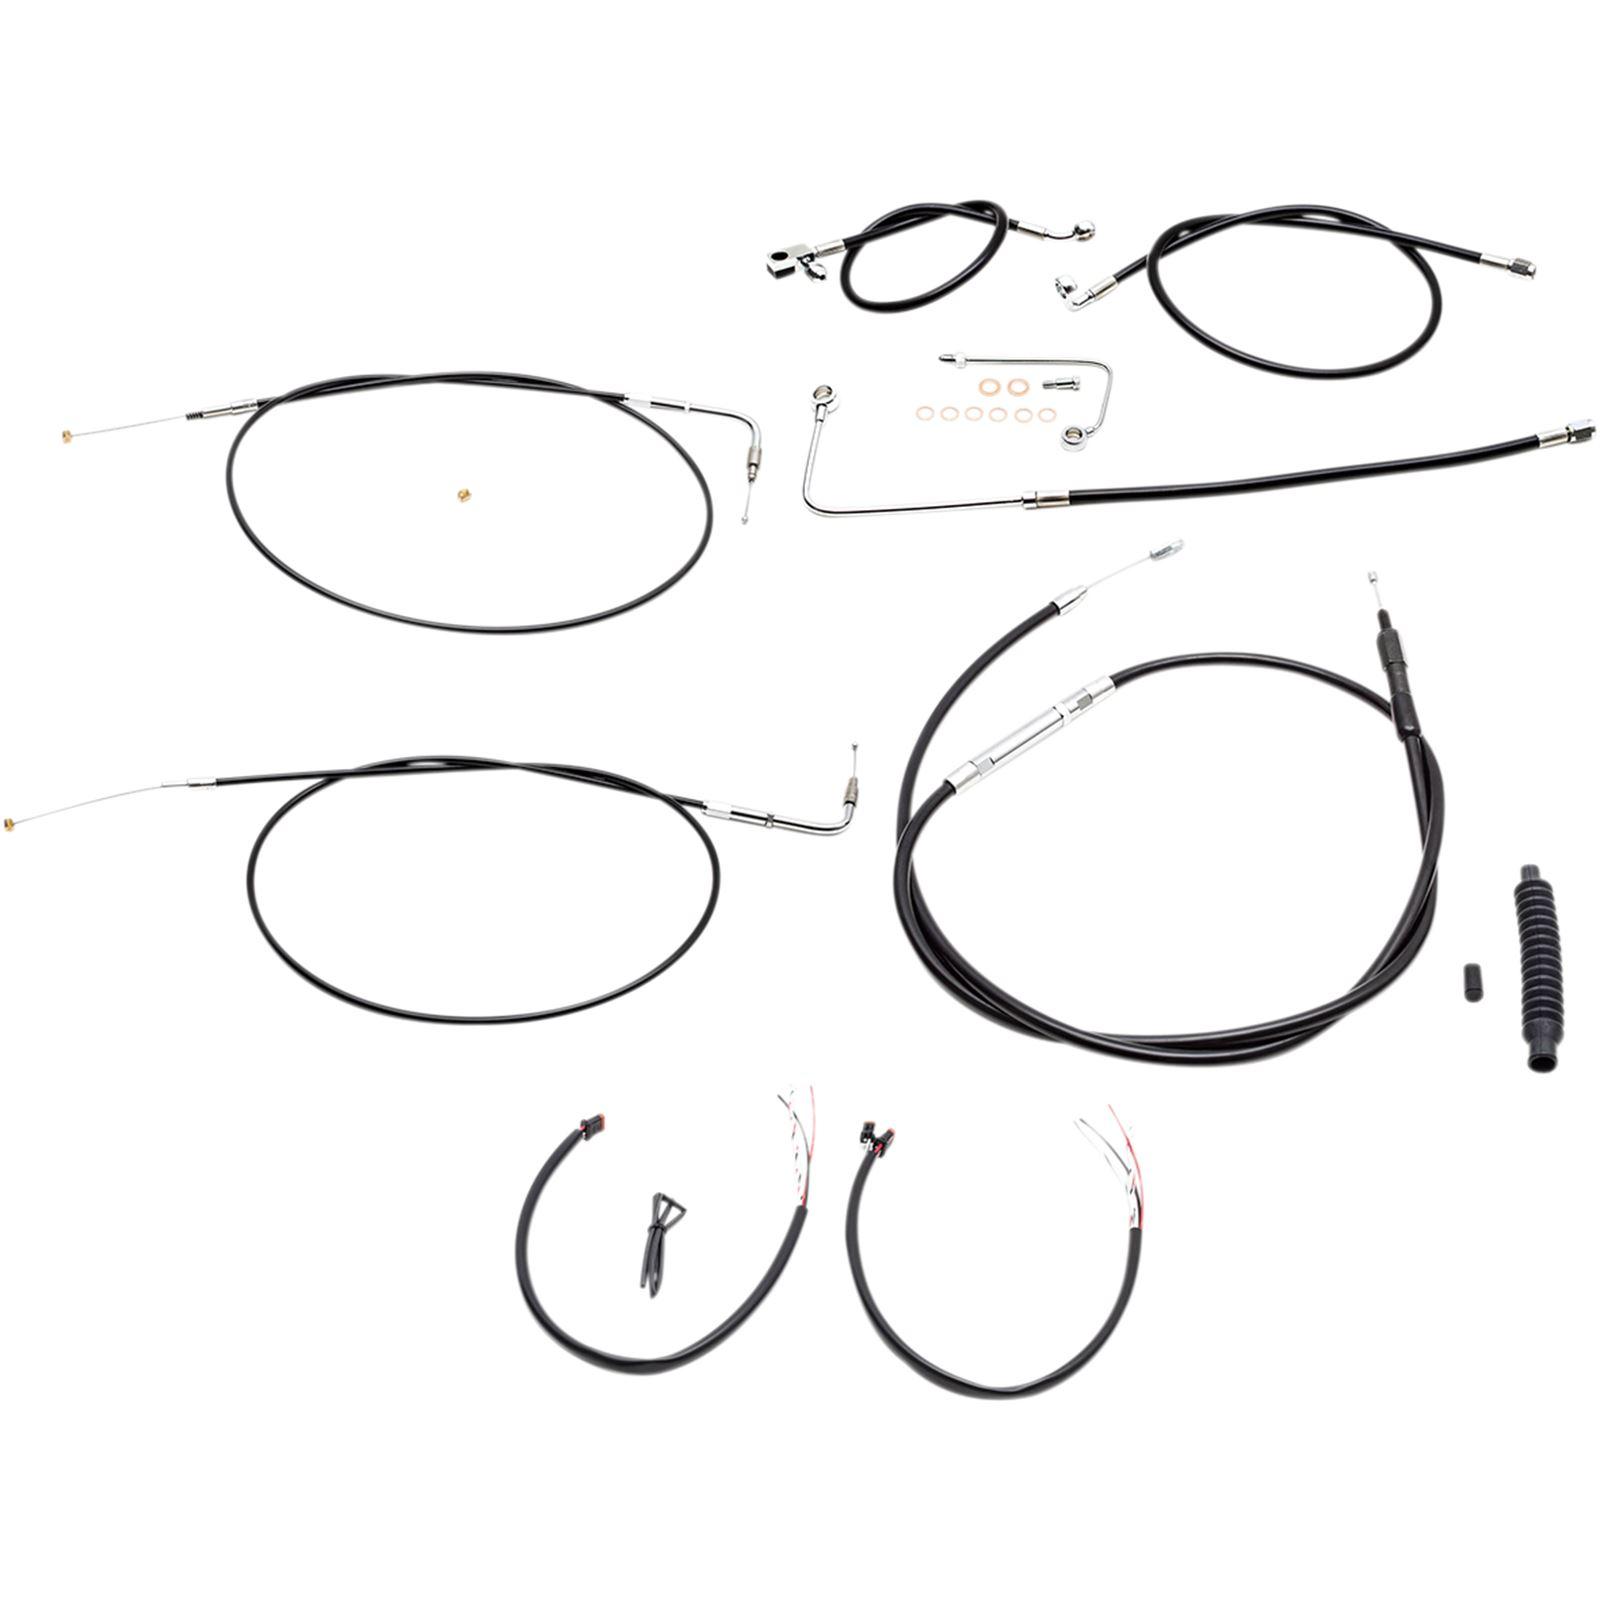 """LA Choppers Complete Black Vinyl Braided Handlebar Cable/Brake Line Kit For 18"""" - 20"""" Ape Hanger Handlebars"""